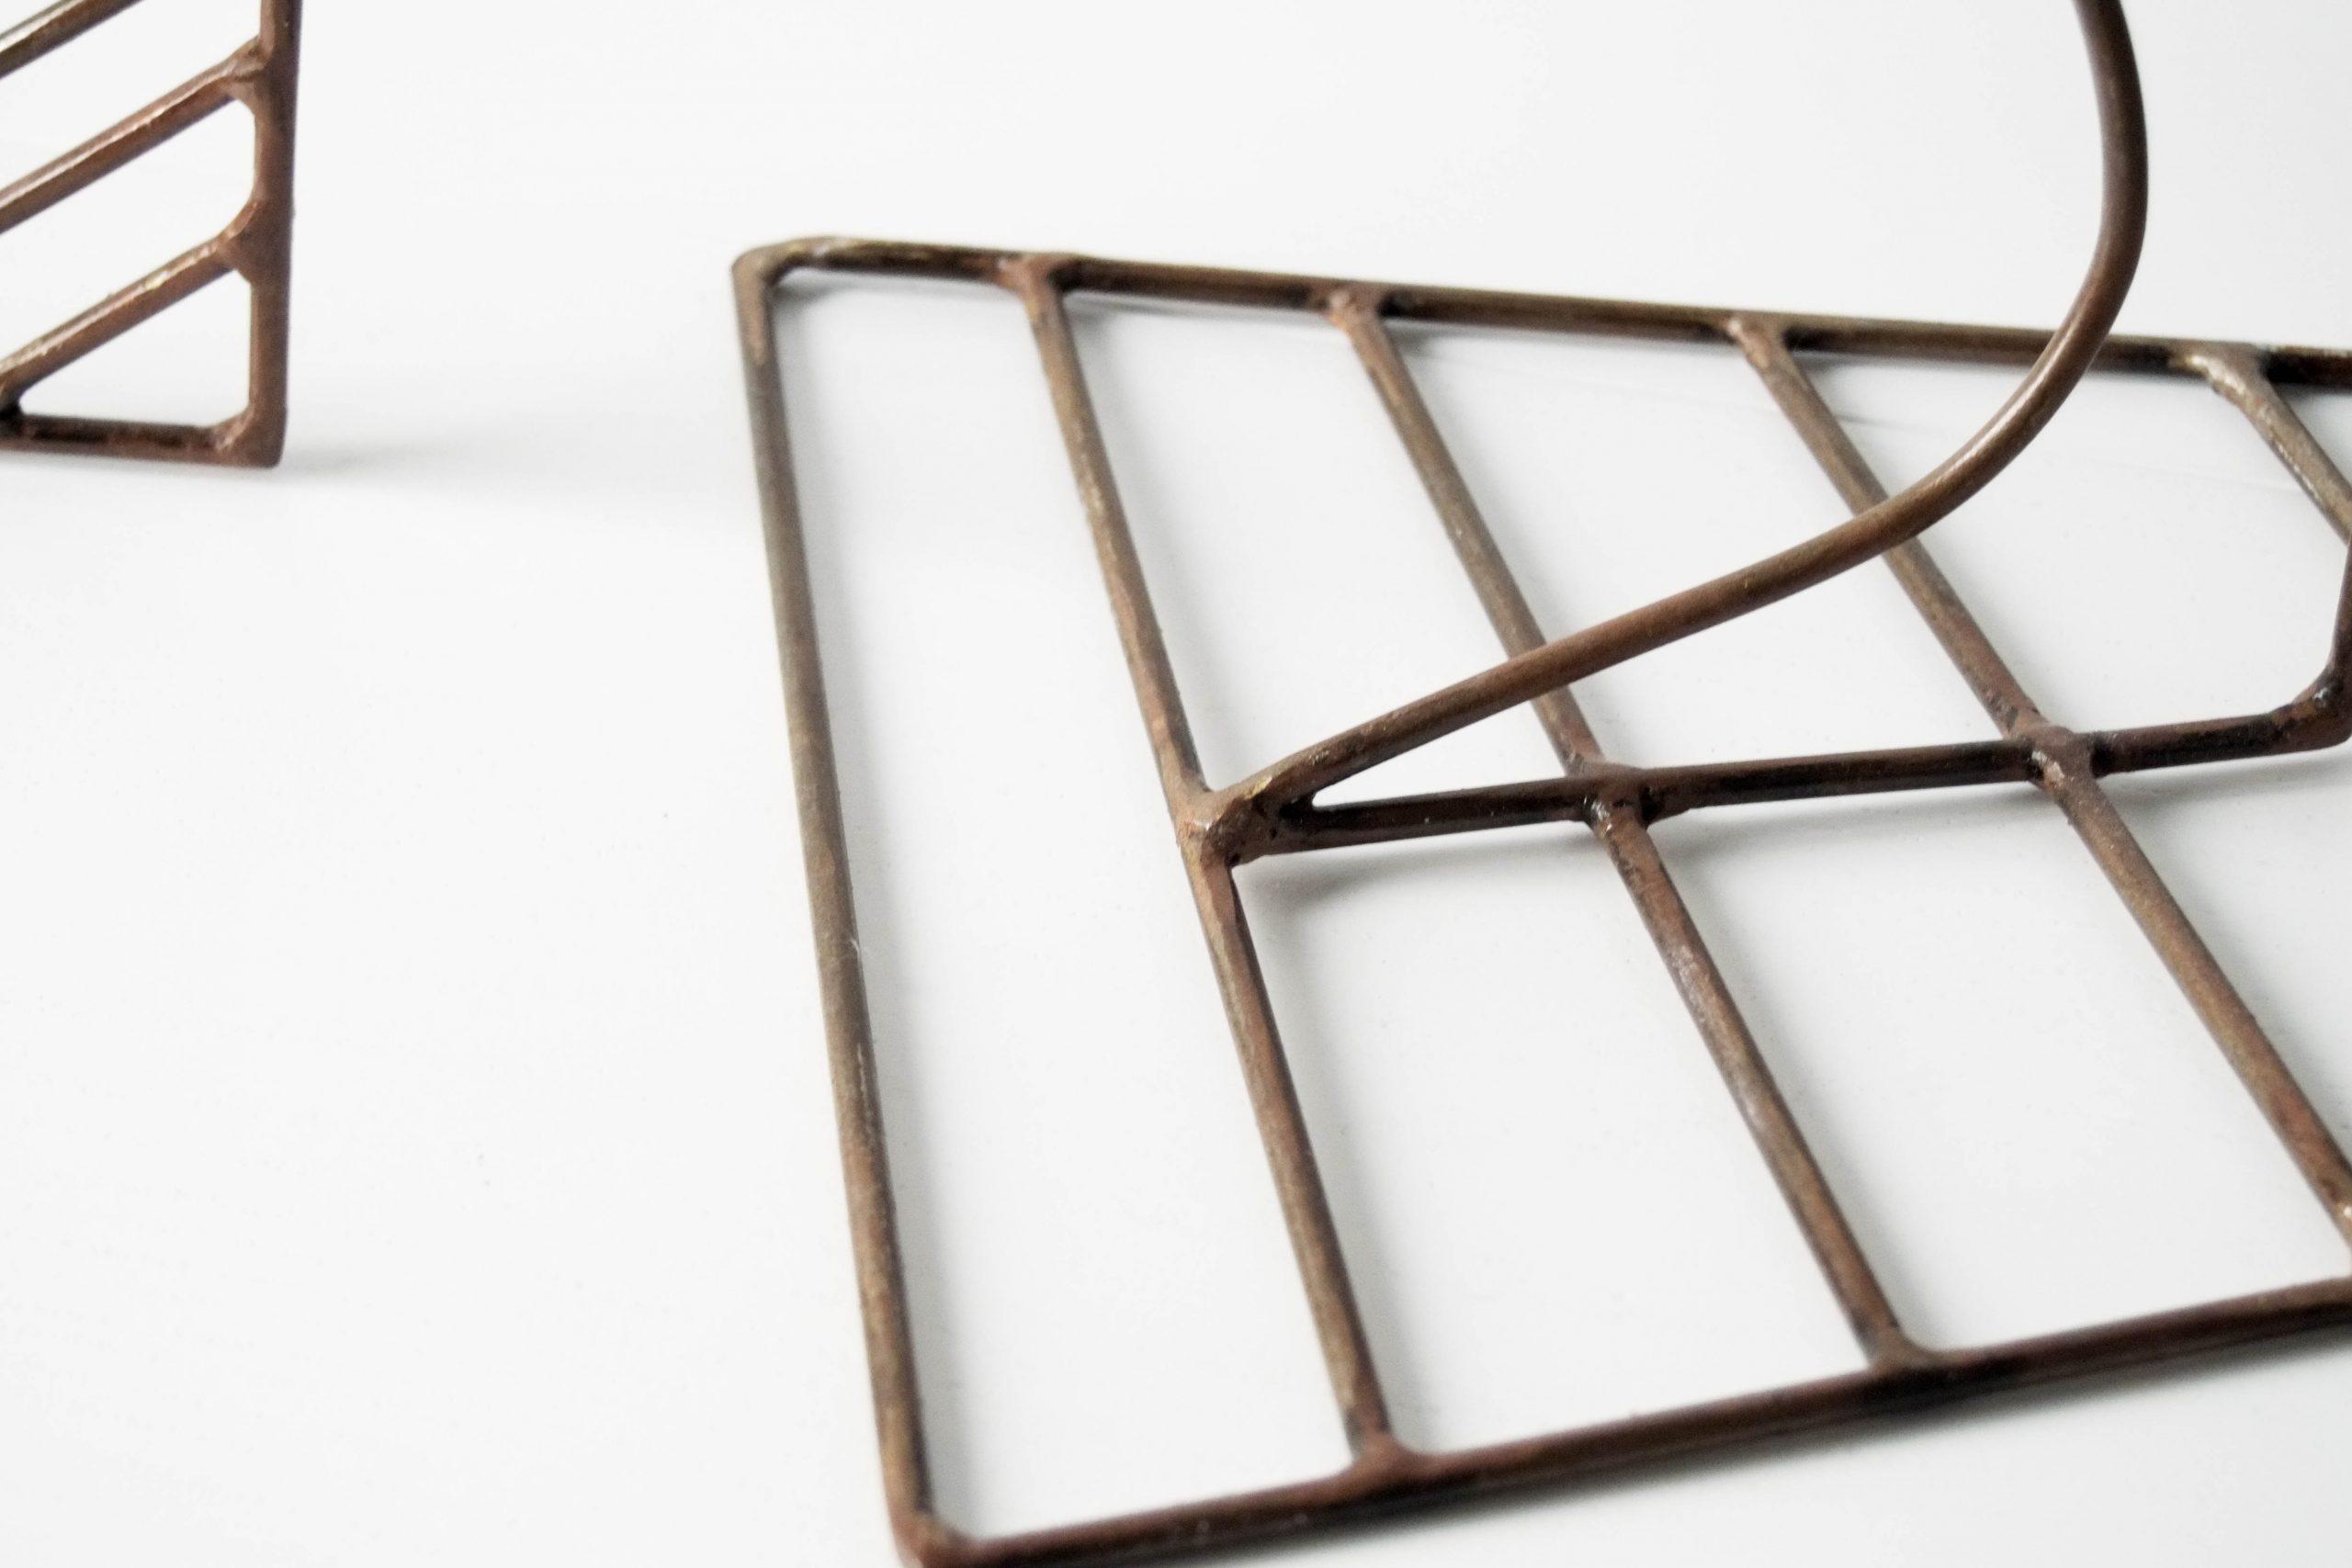 detalle escultura metal diseño fabricado a mano